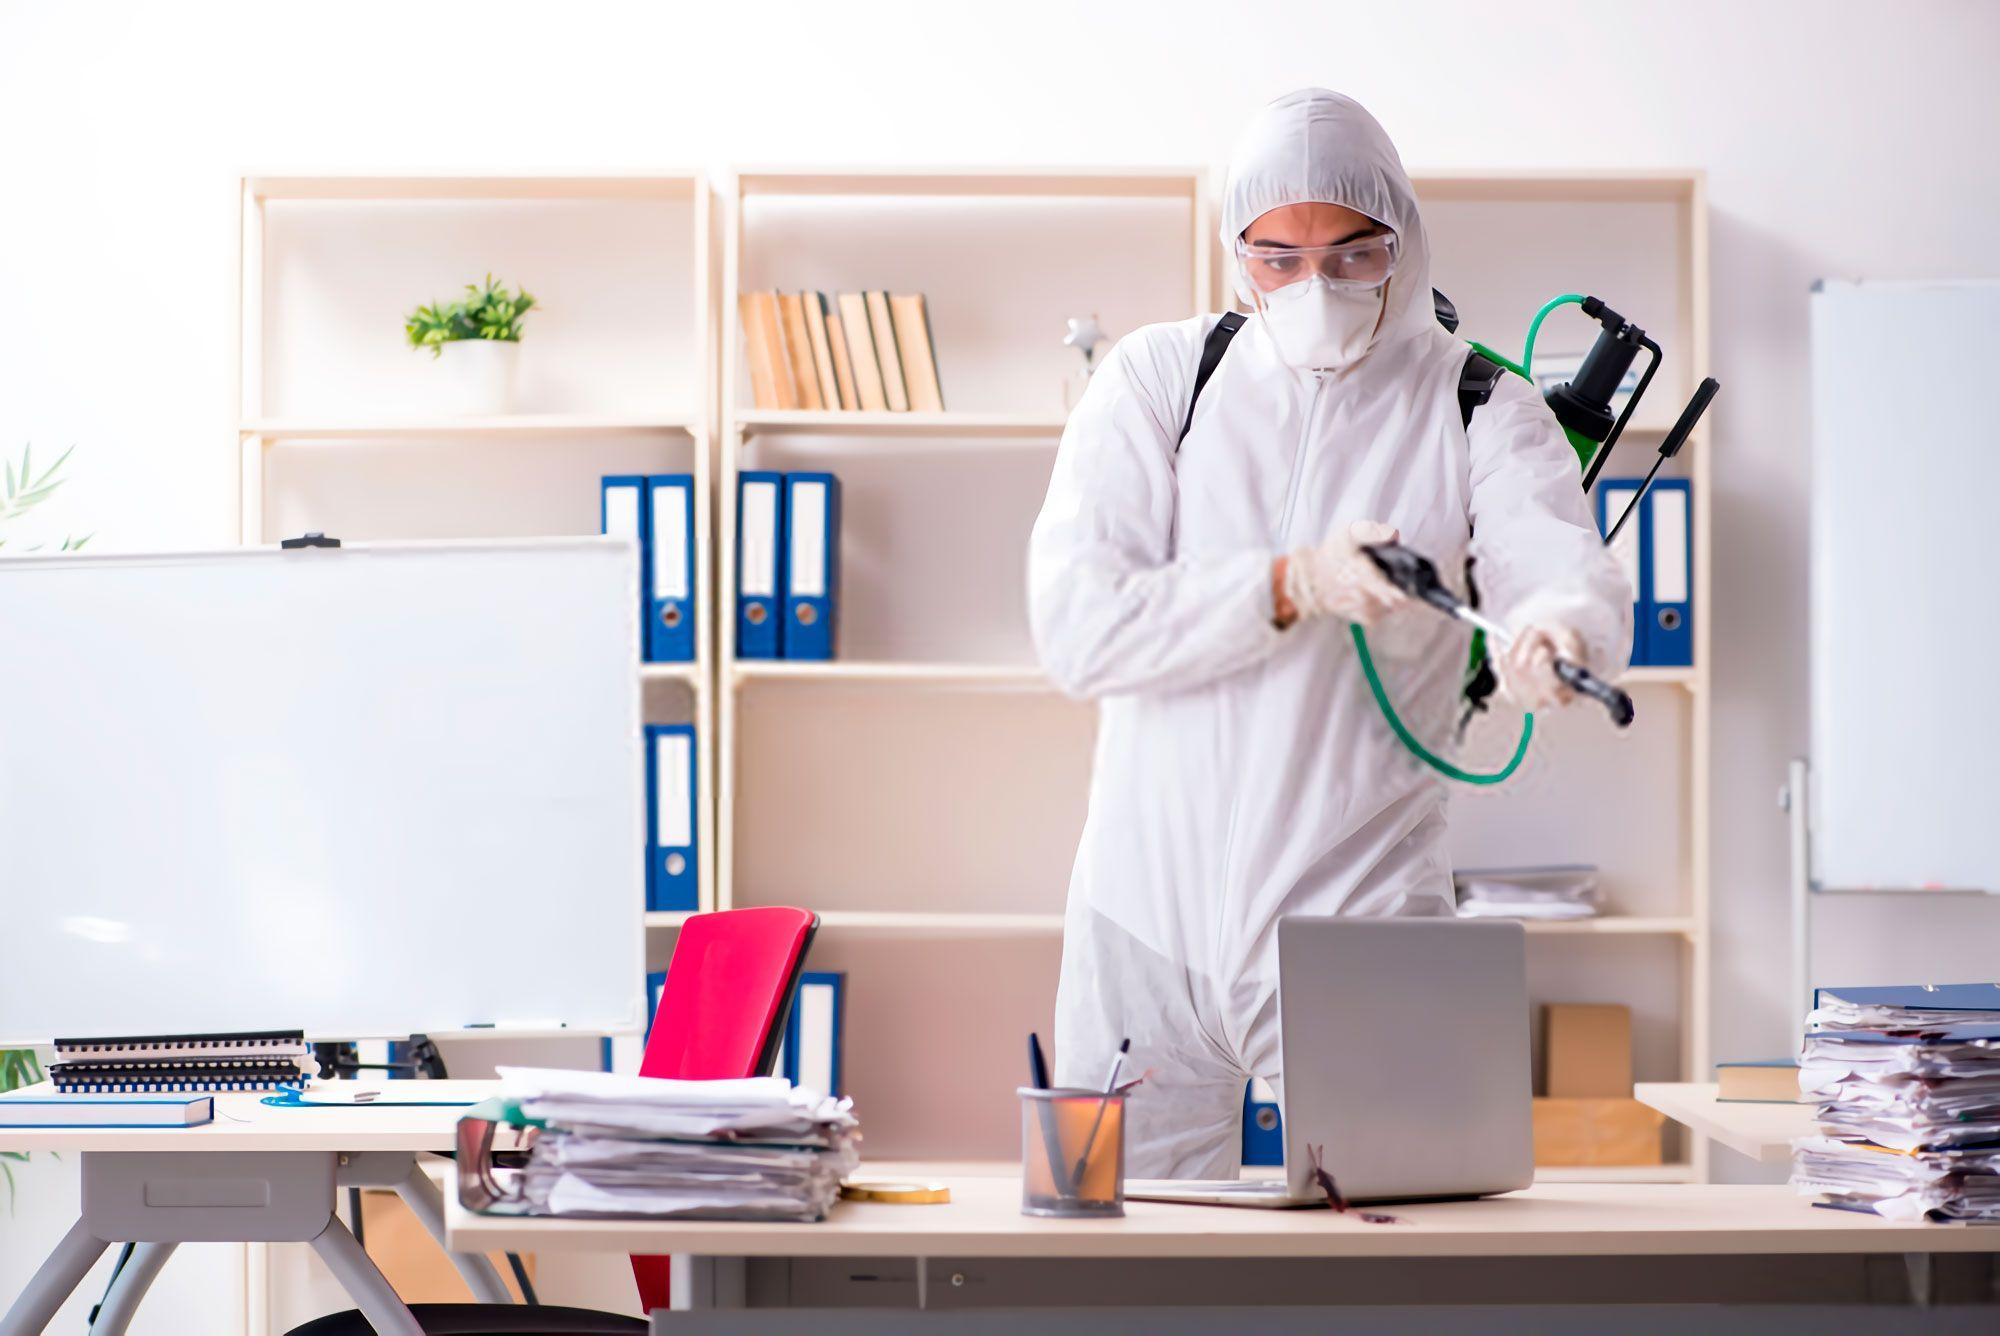 fumigacion-y-desinfeccion - fumigacion de empresas contra el coronavirus